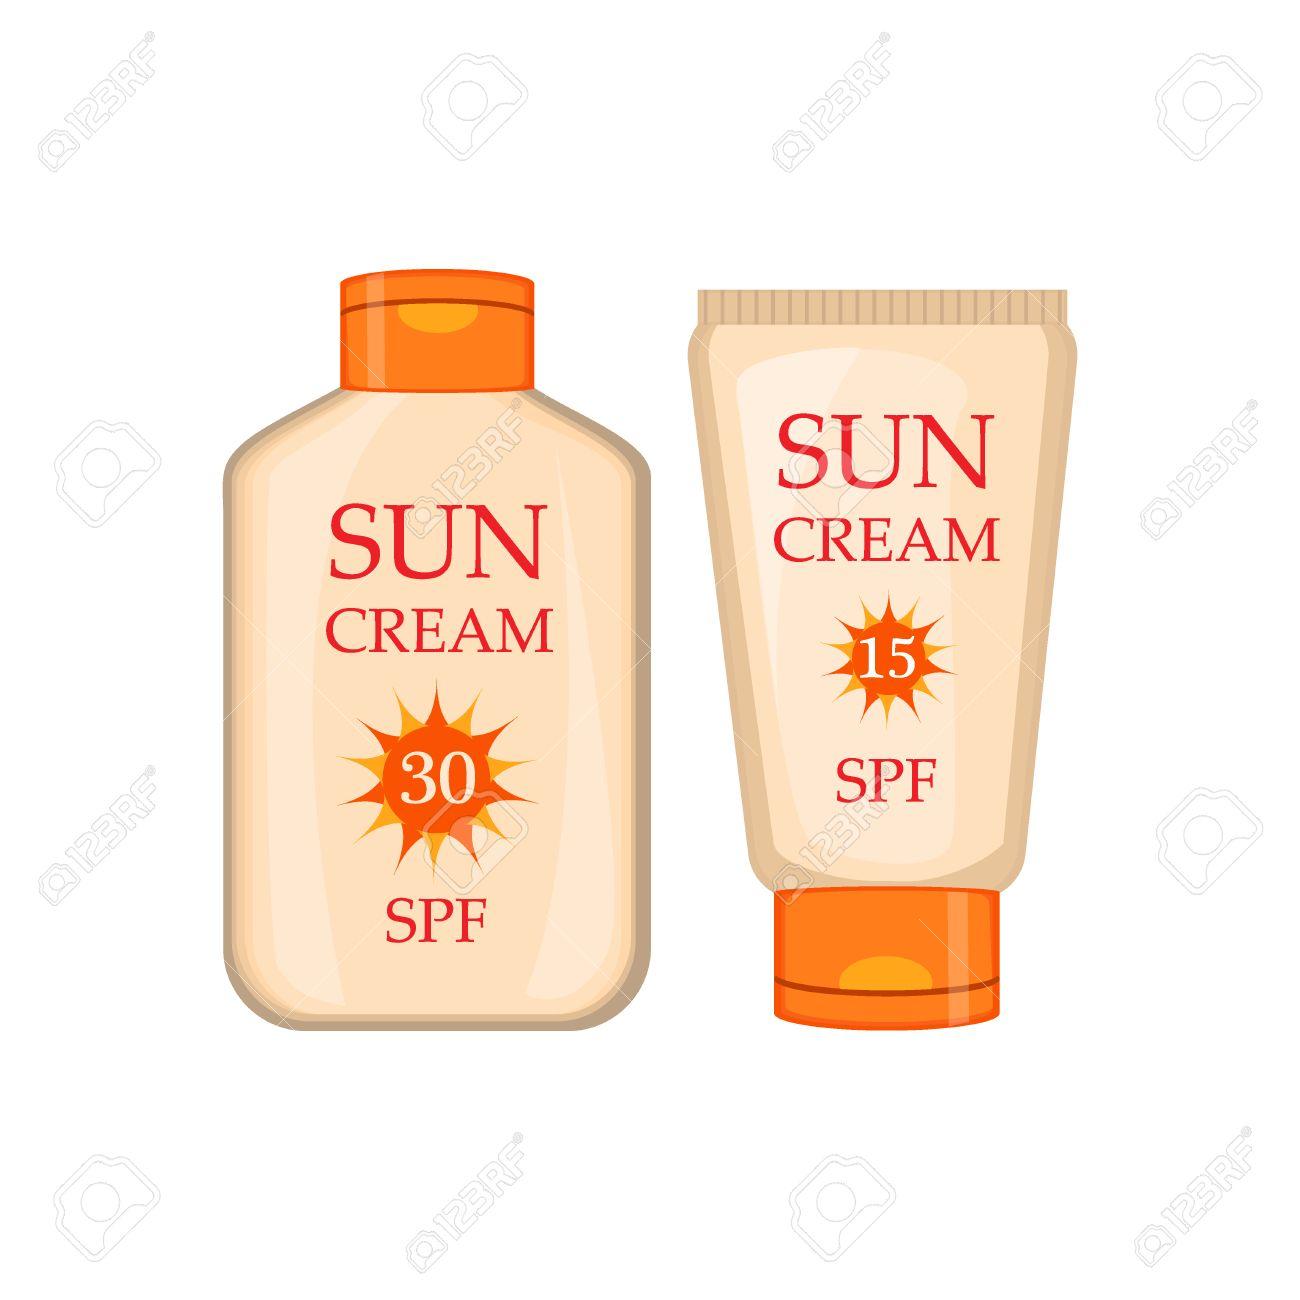 太陽クリーム容器ベクトル イラスト日焼け止め日焼け止めローション